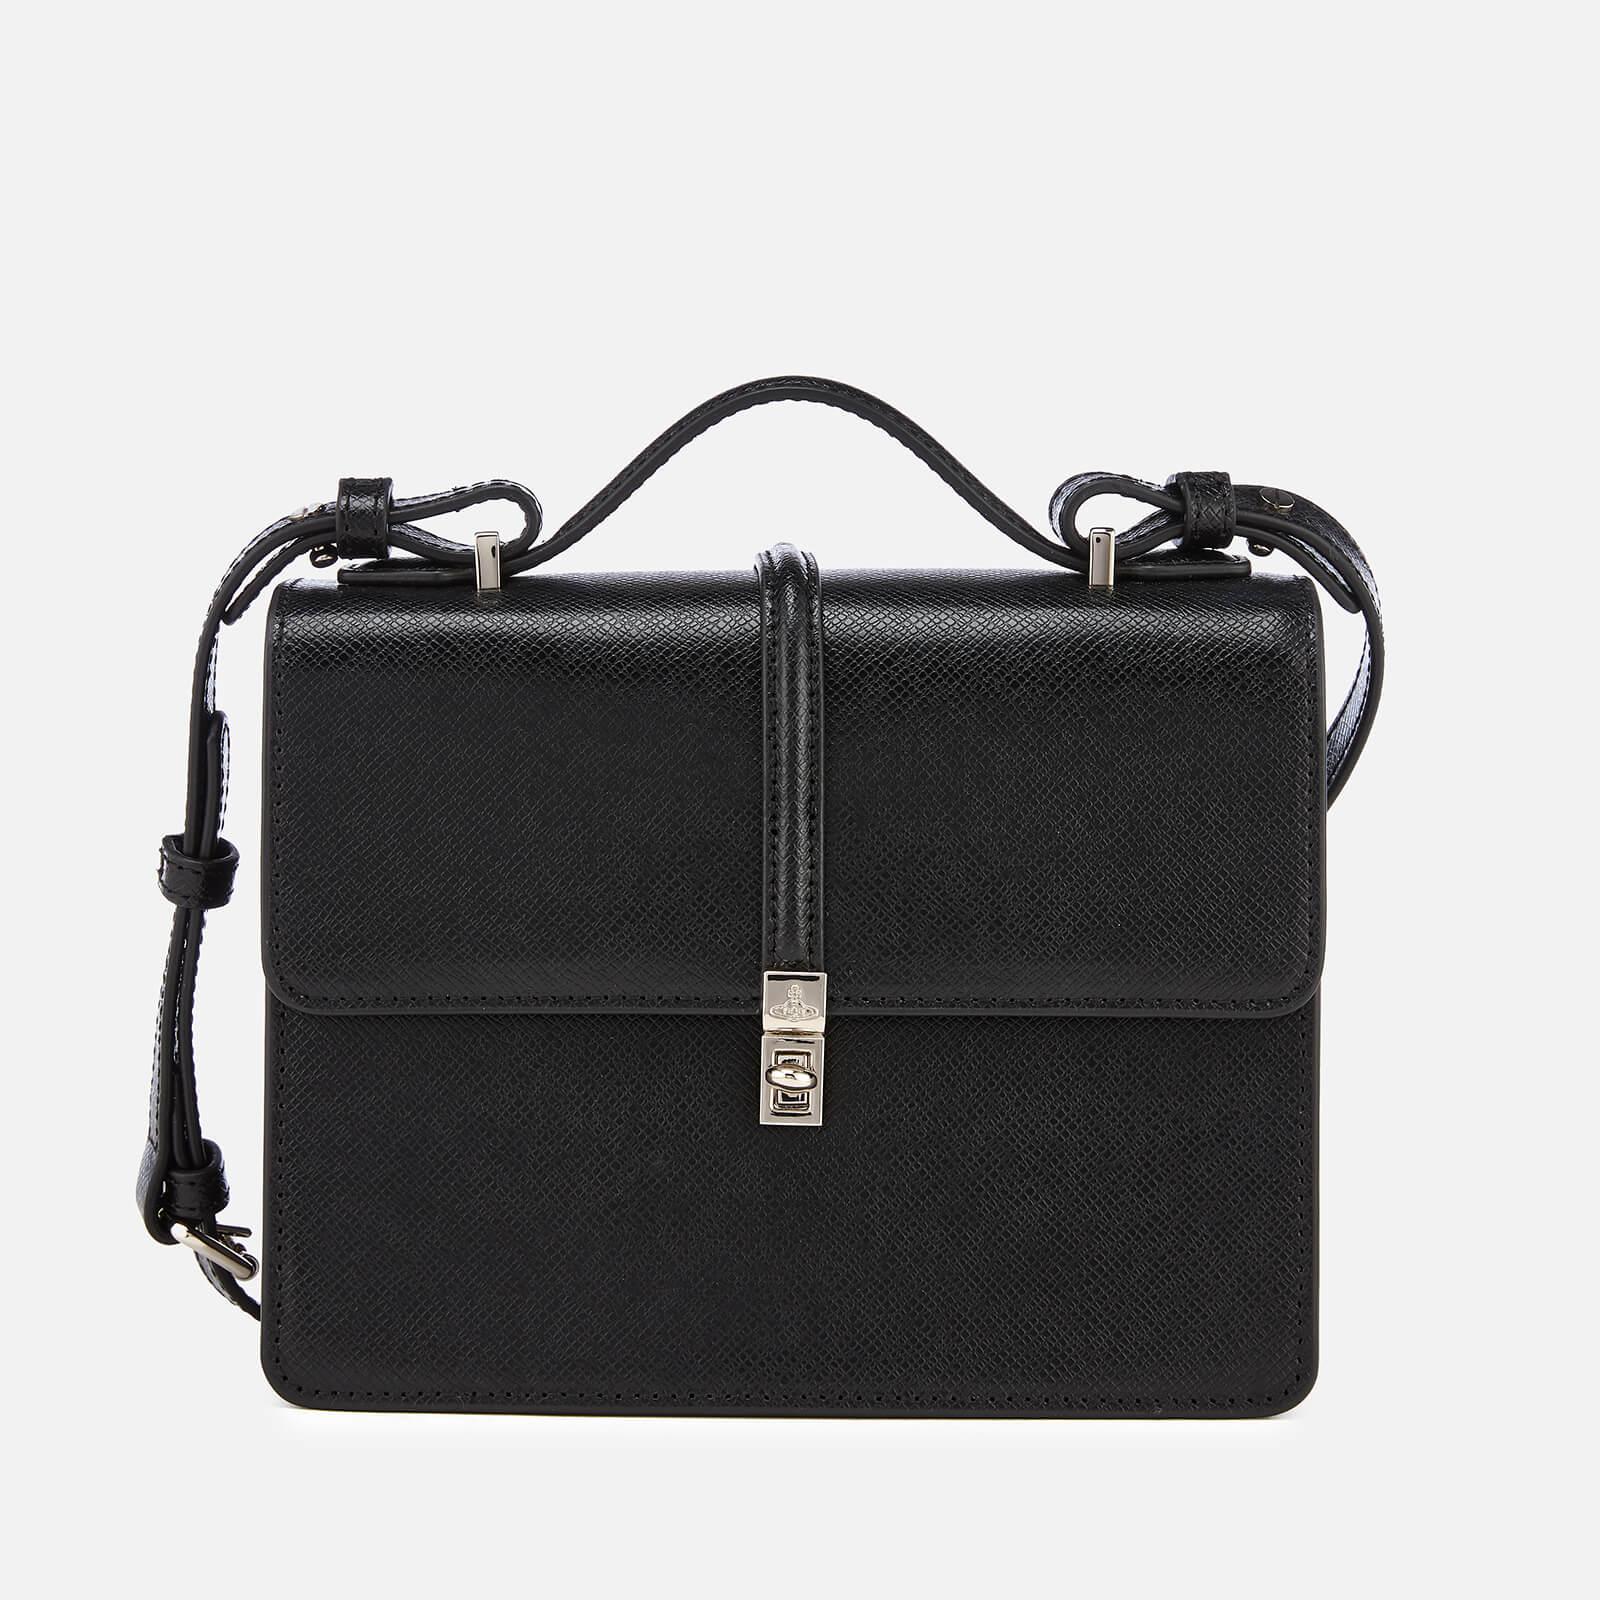 Vivienne Westwood Women s Sofia Medium Shoulder Bag - Black - Free UK  Delivery over £50 02847e12a60ba